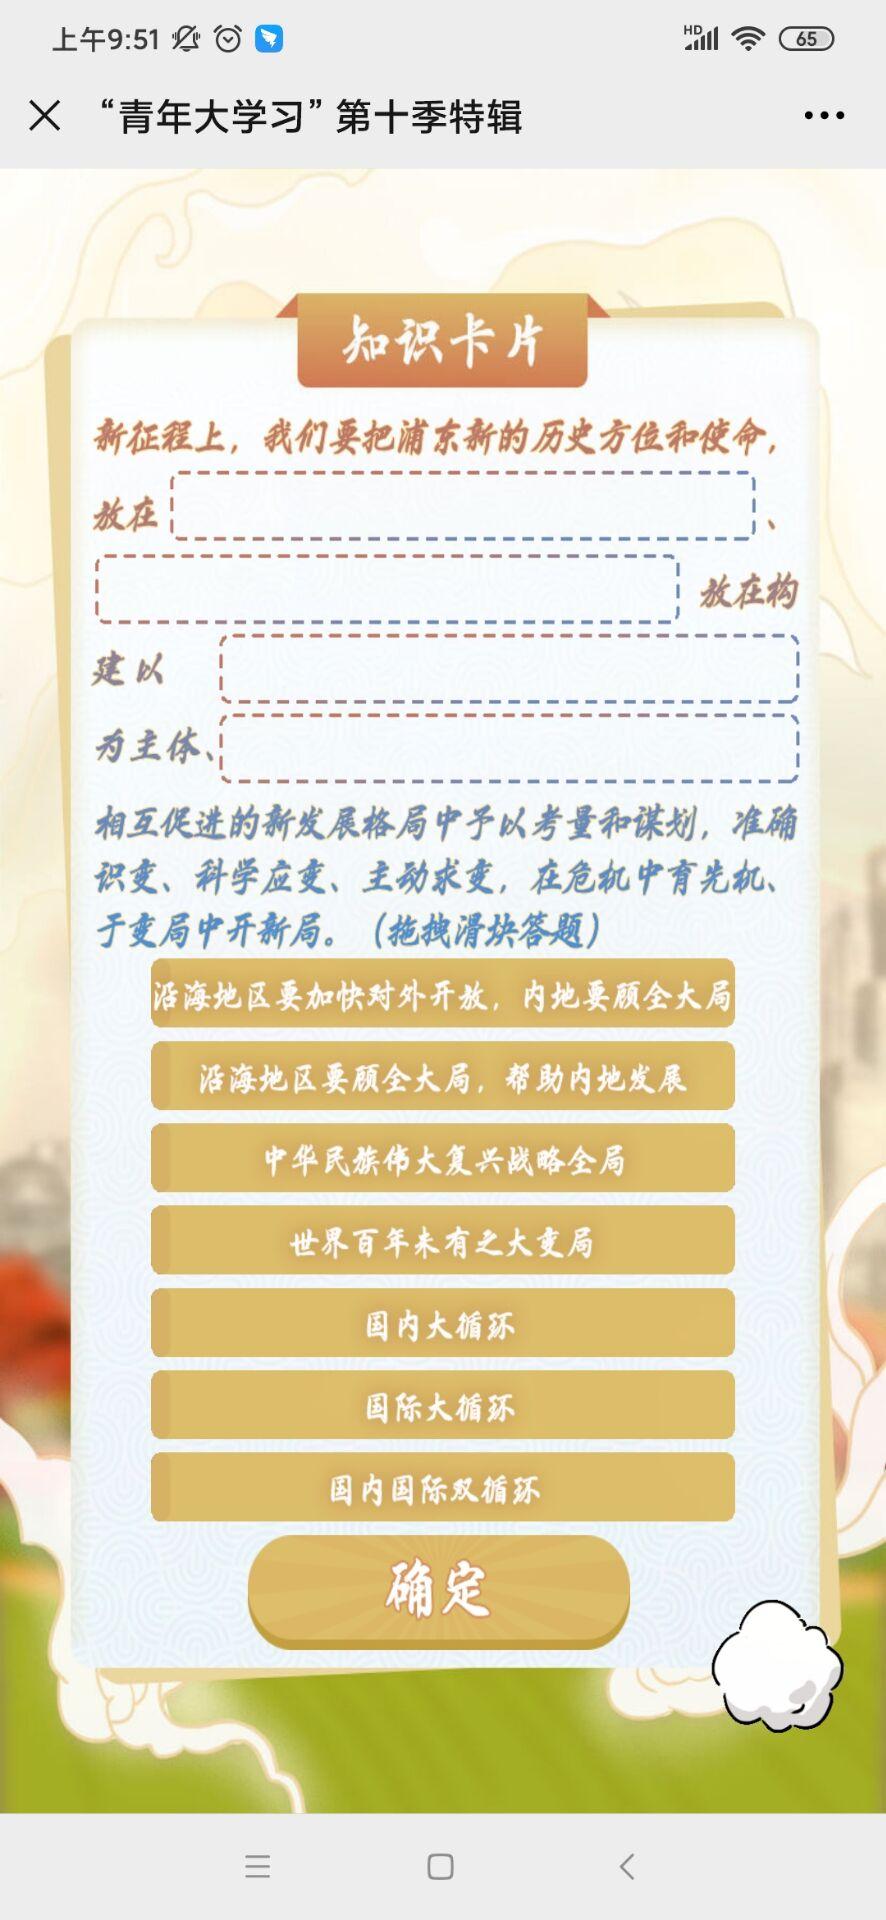 新征程上,我們要把浦京新的曆史方位和使命,放在什麼上 青年大學習浦東30周年特輯答案[多圖]